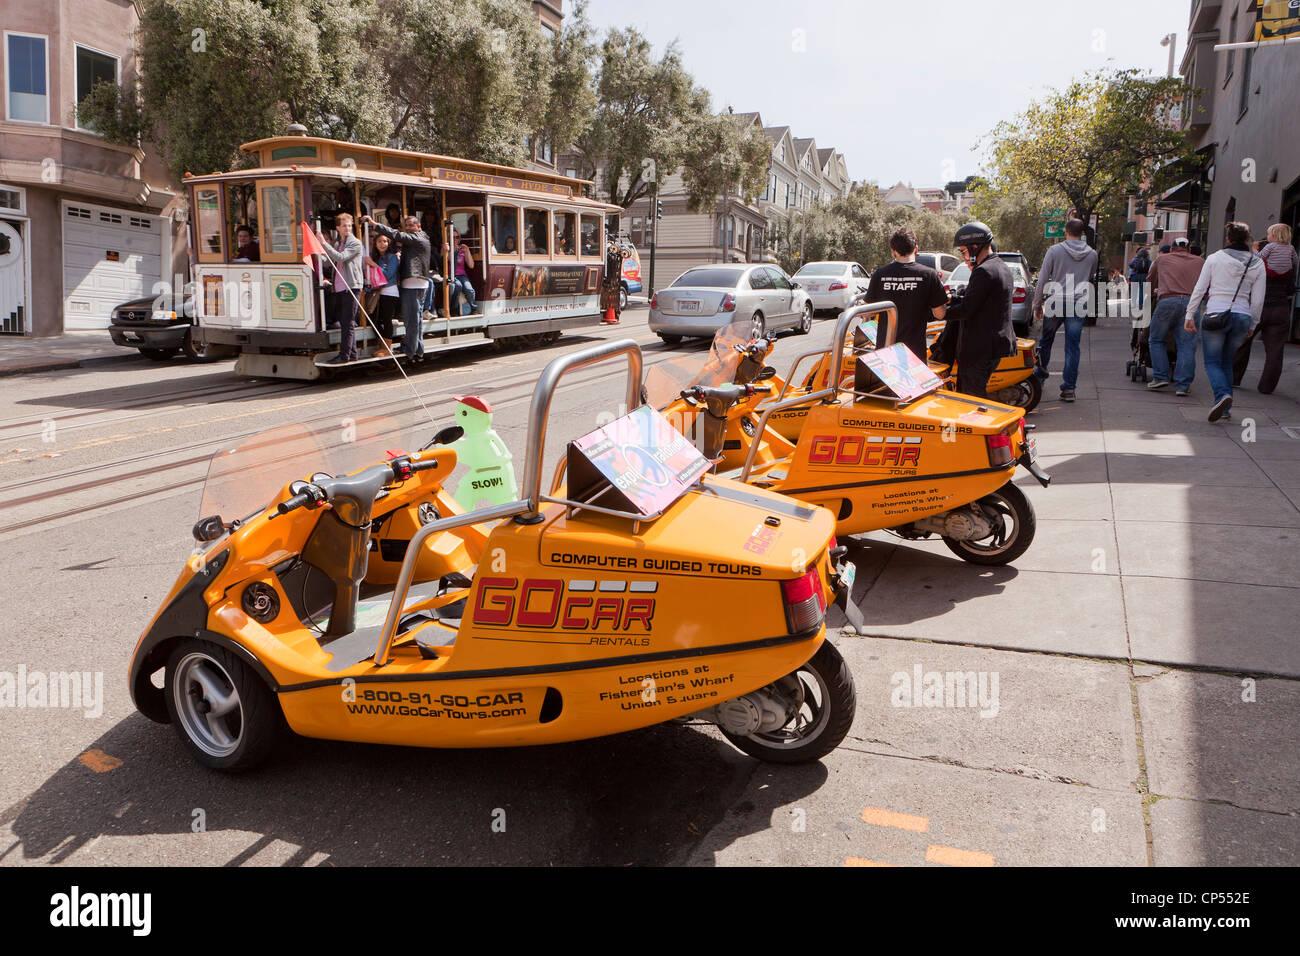 GoCar tour carts - San Francisco, California USA - Stock Image